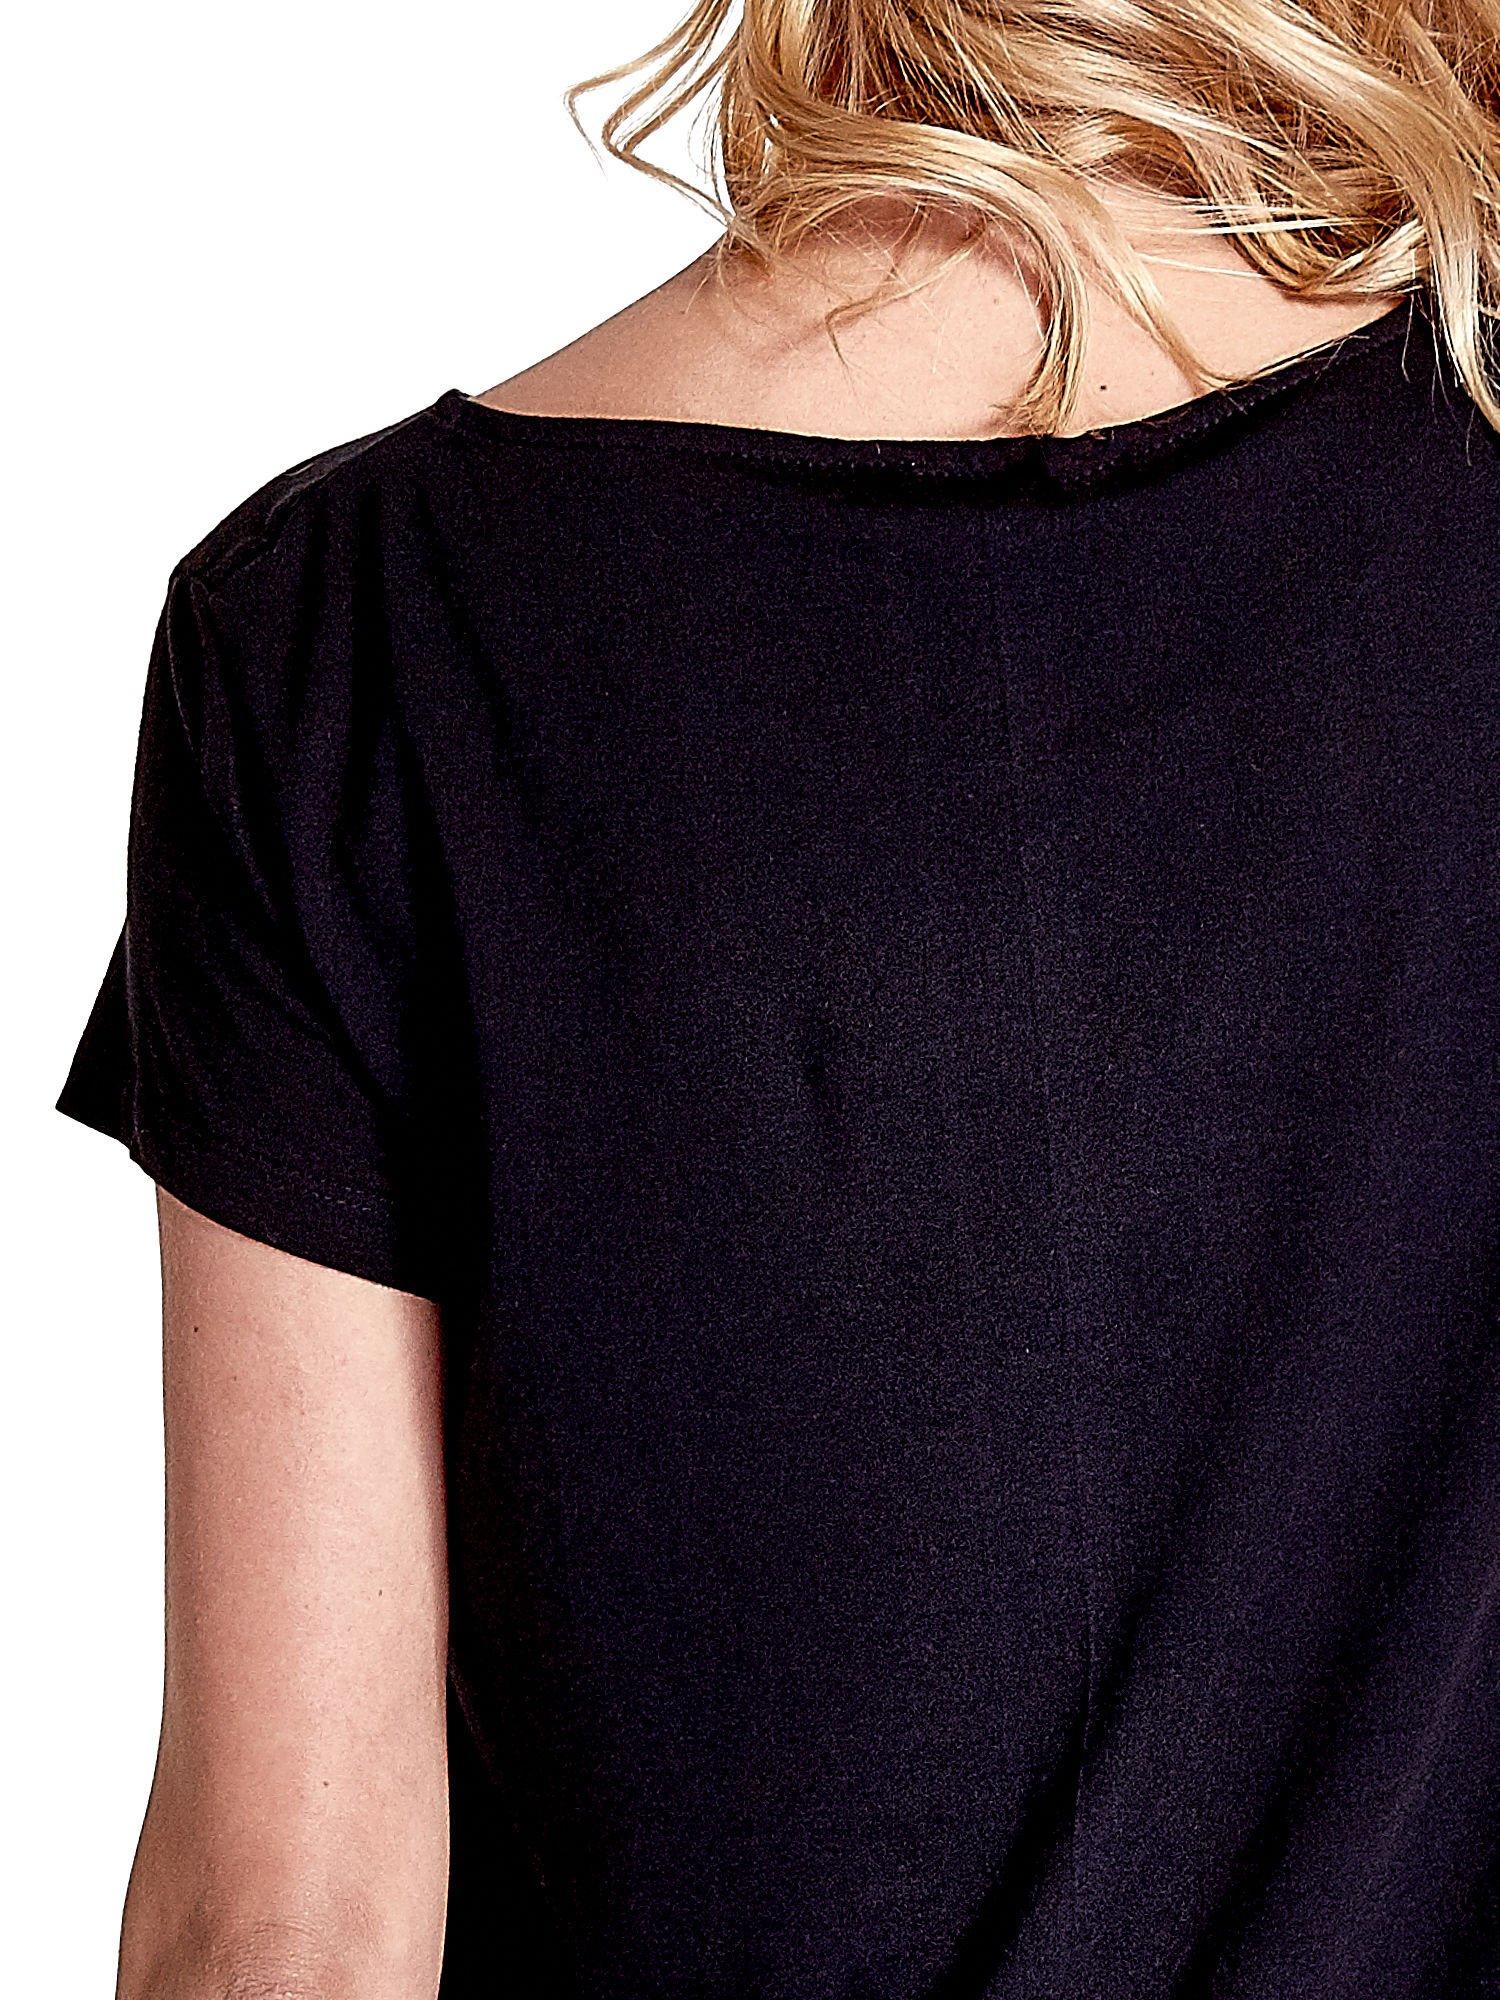 Czarny asymetryczny t-shirt                                  zdj.                                  6